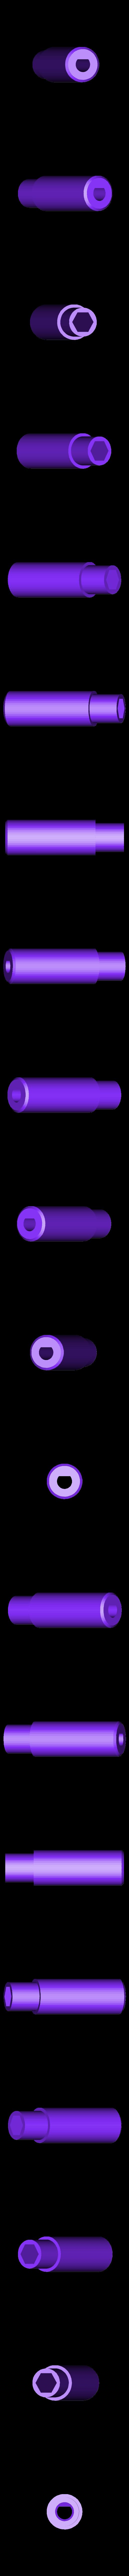 BitBrk_v2.stl Télécharger fichier STL gratuit Tournevis électrique sans fil. v2 • Objet à imprimer en 3D, SiberK